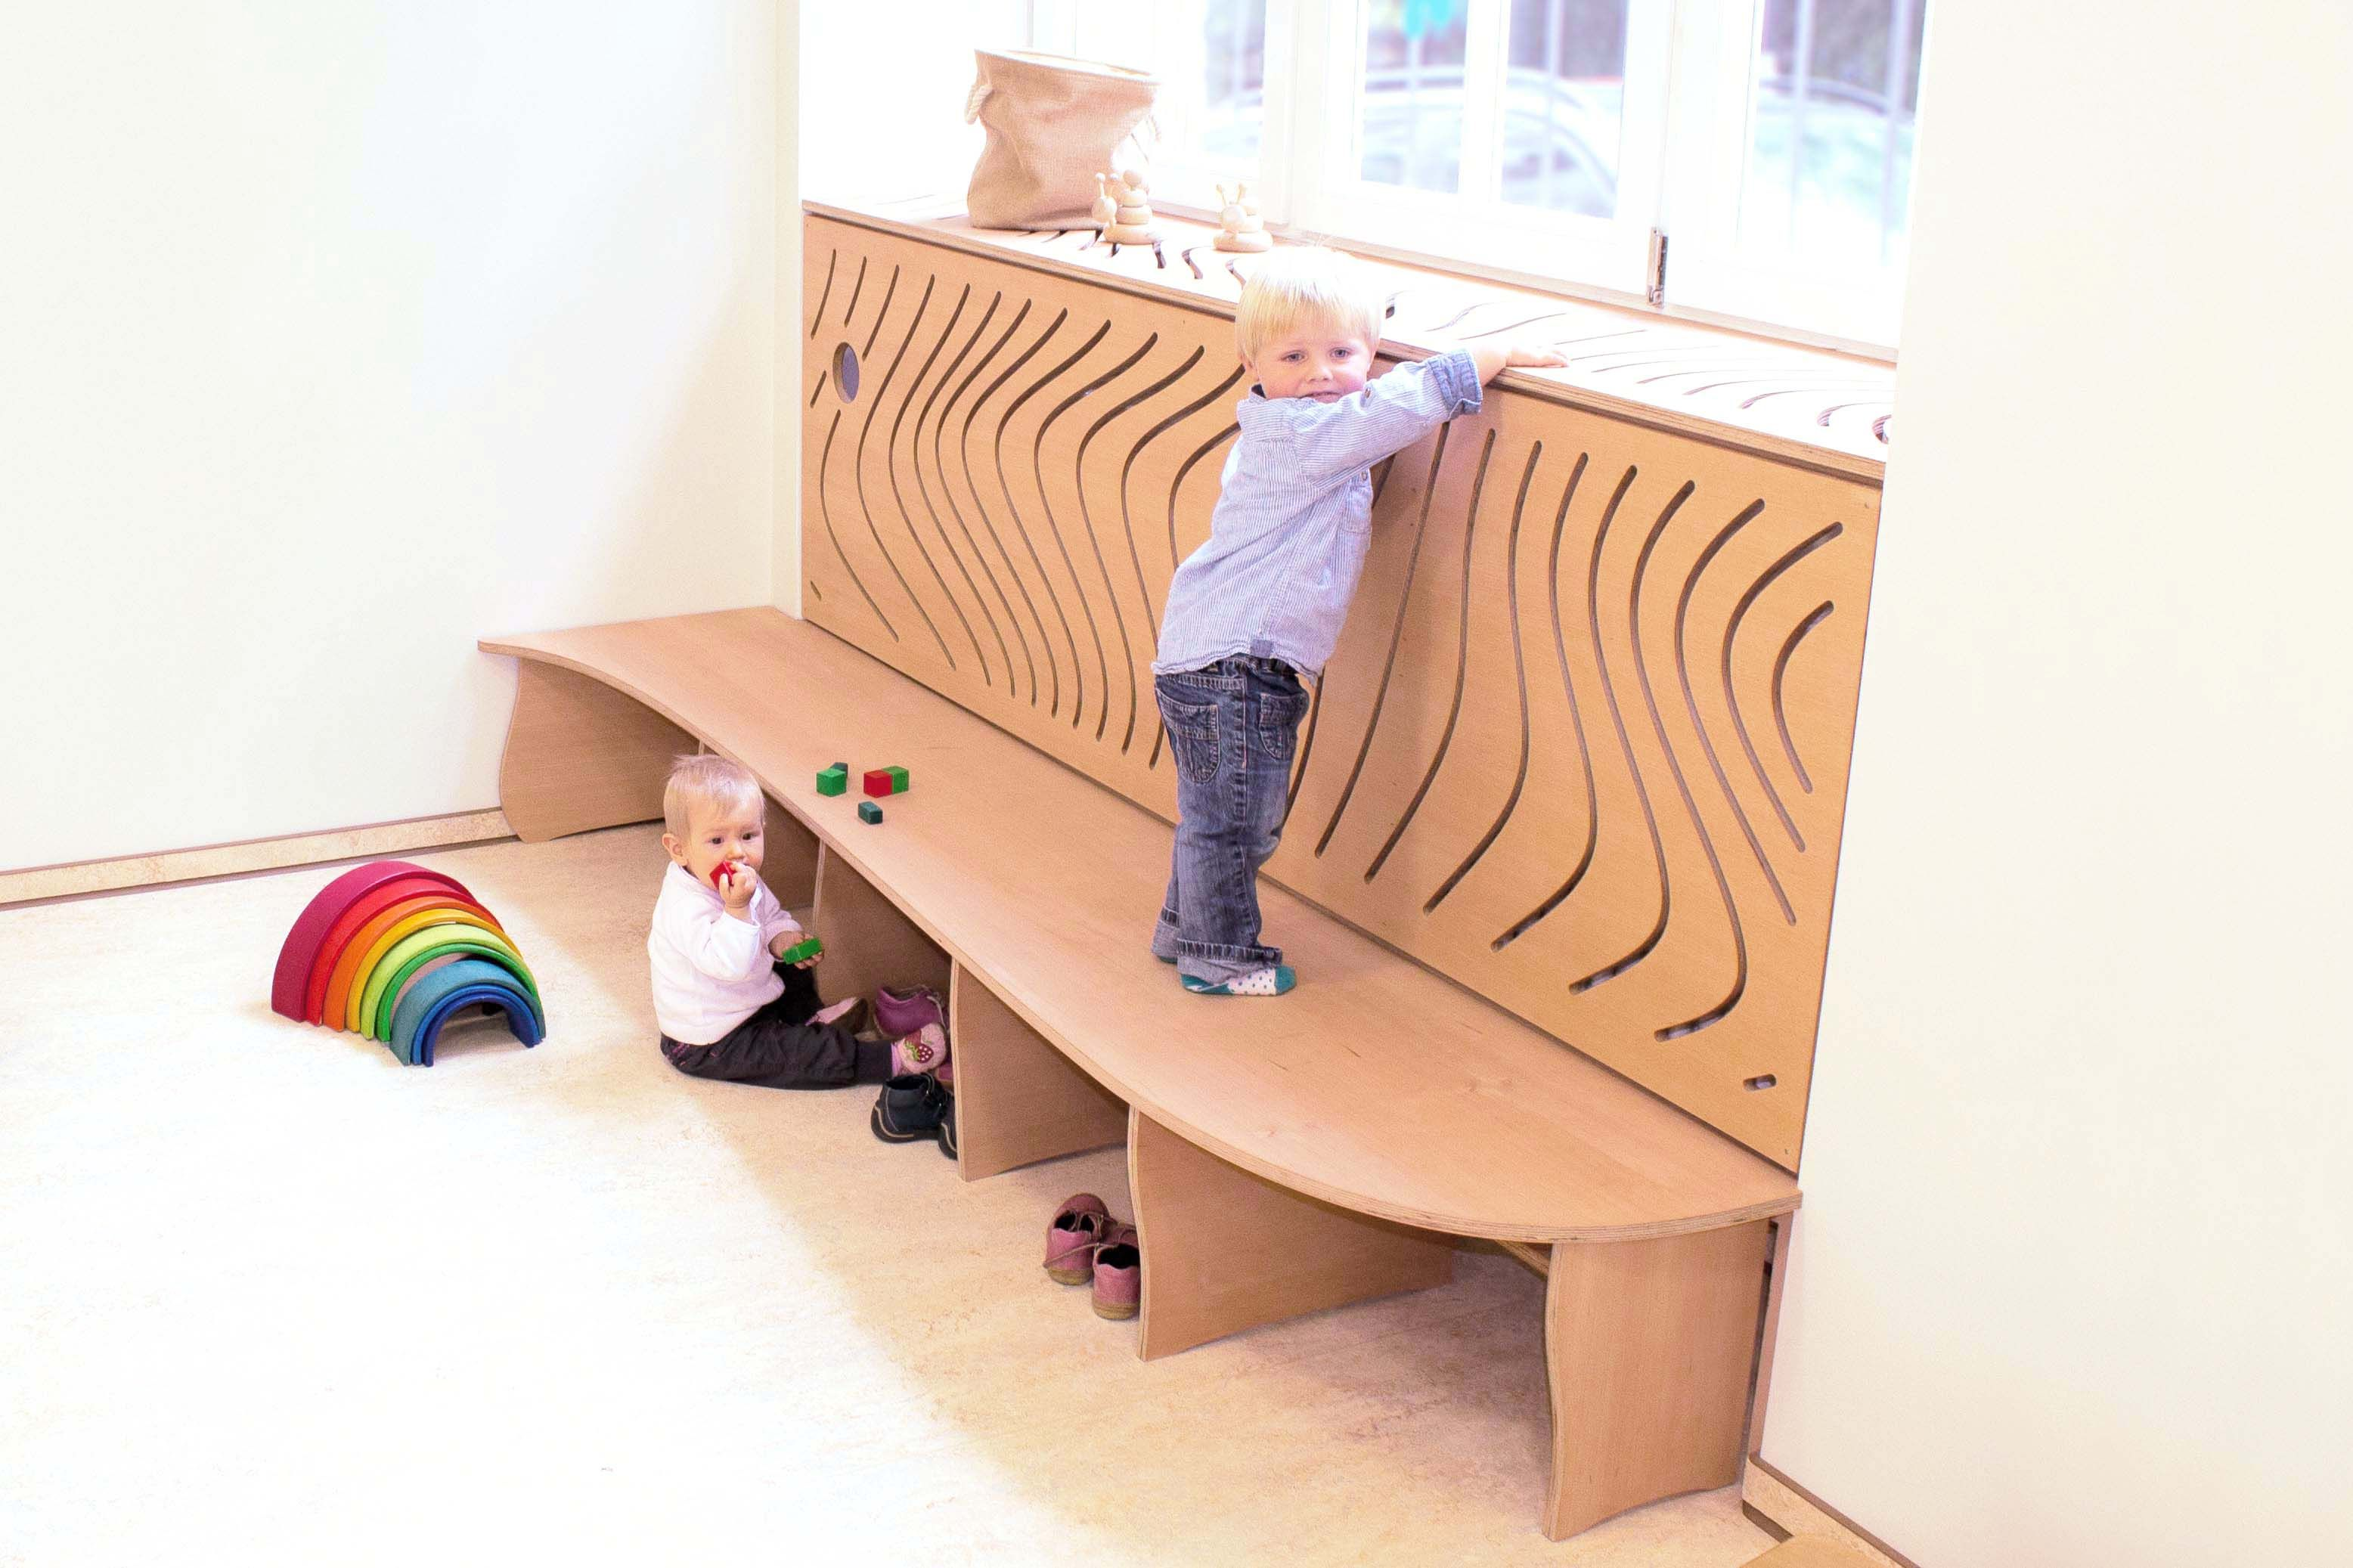 Spielend tolle Bauwerke kreieren und präsentieren auf der